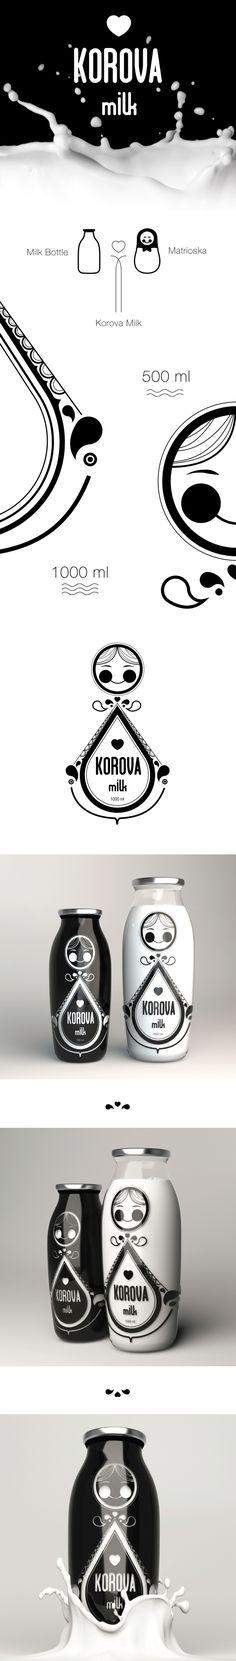 Korova Milk on Behance